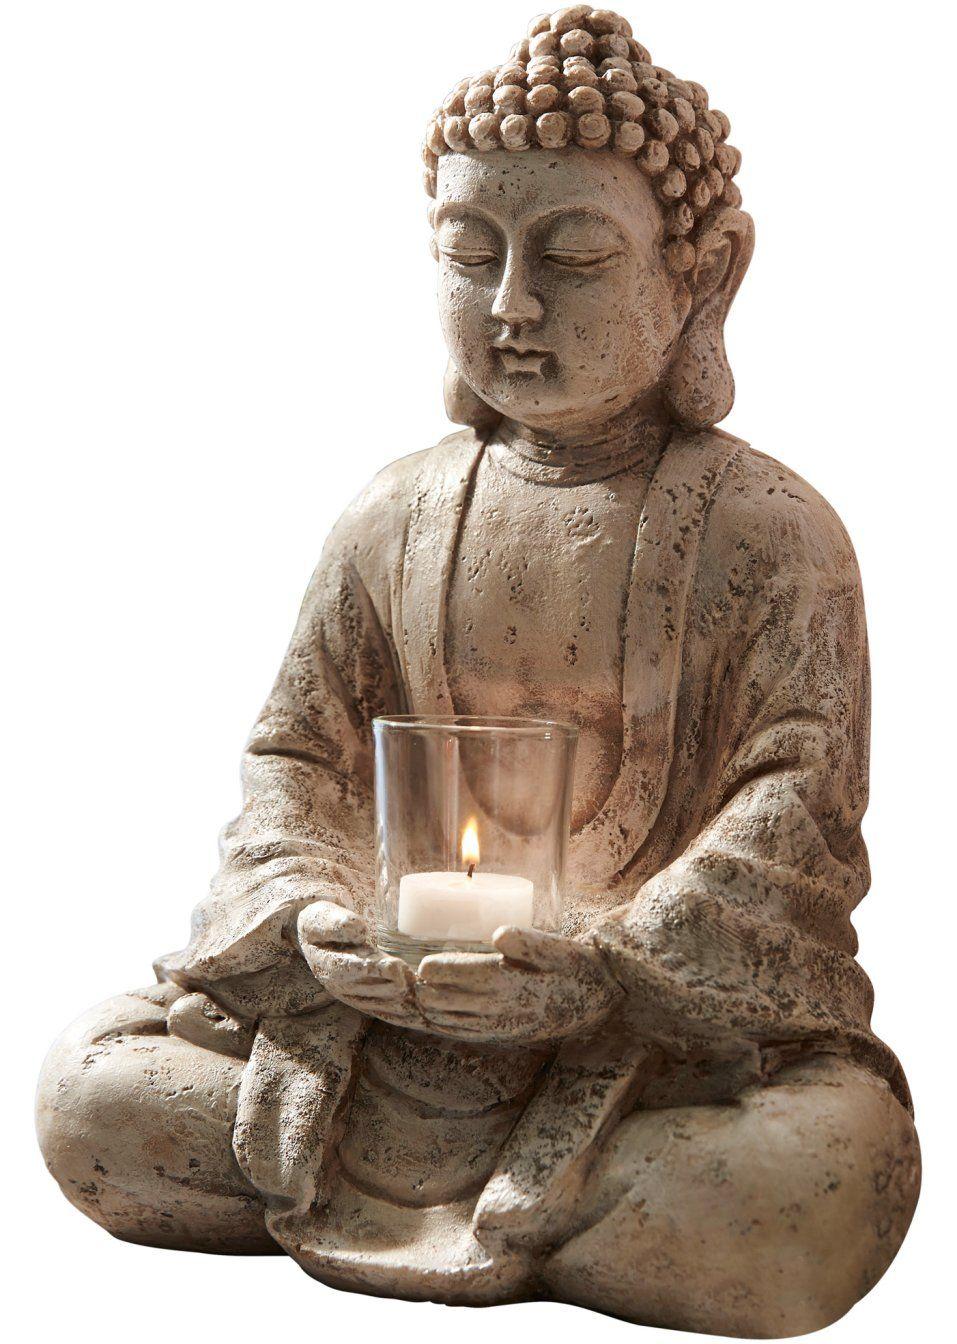 Deko Figur Buddha Mit Teelichthalter Mit Bildern Buddha Buddha Figur Buddha Deko